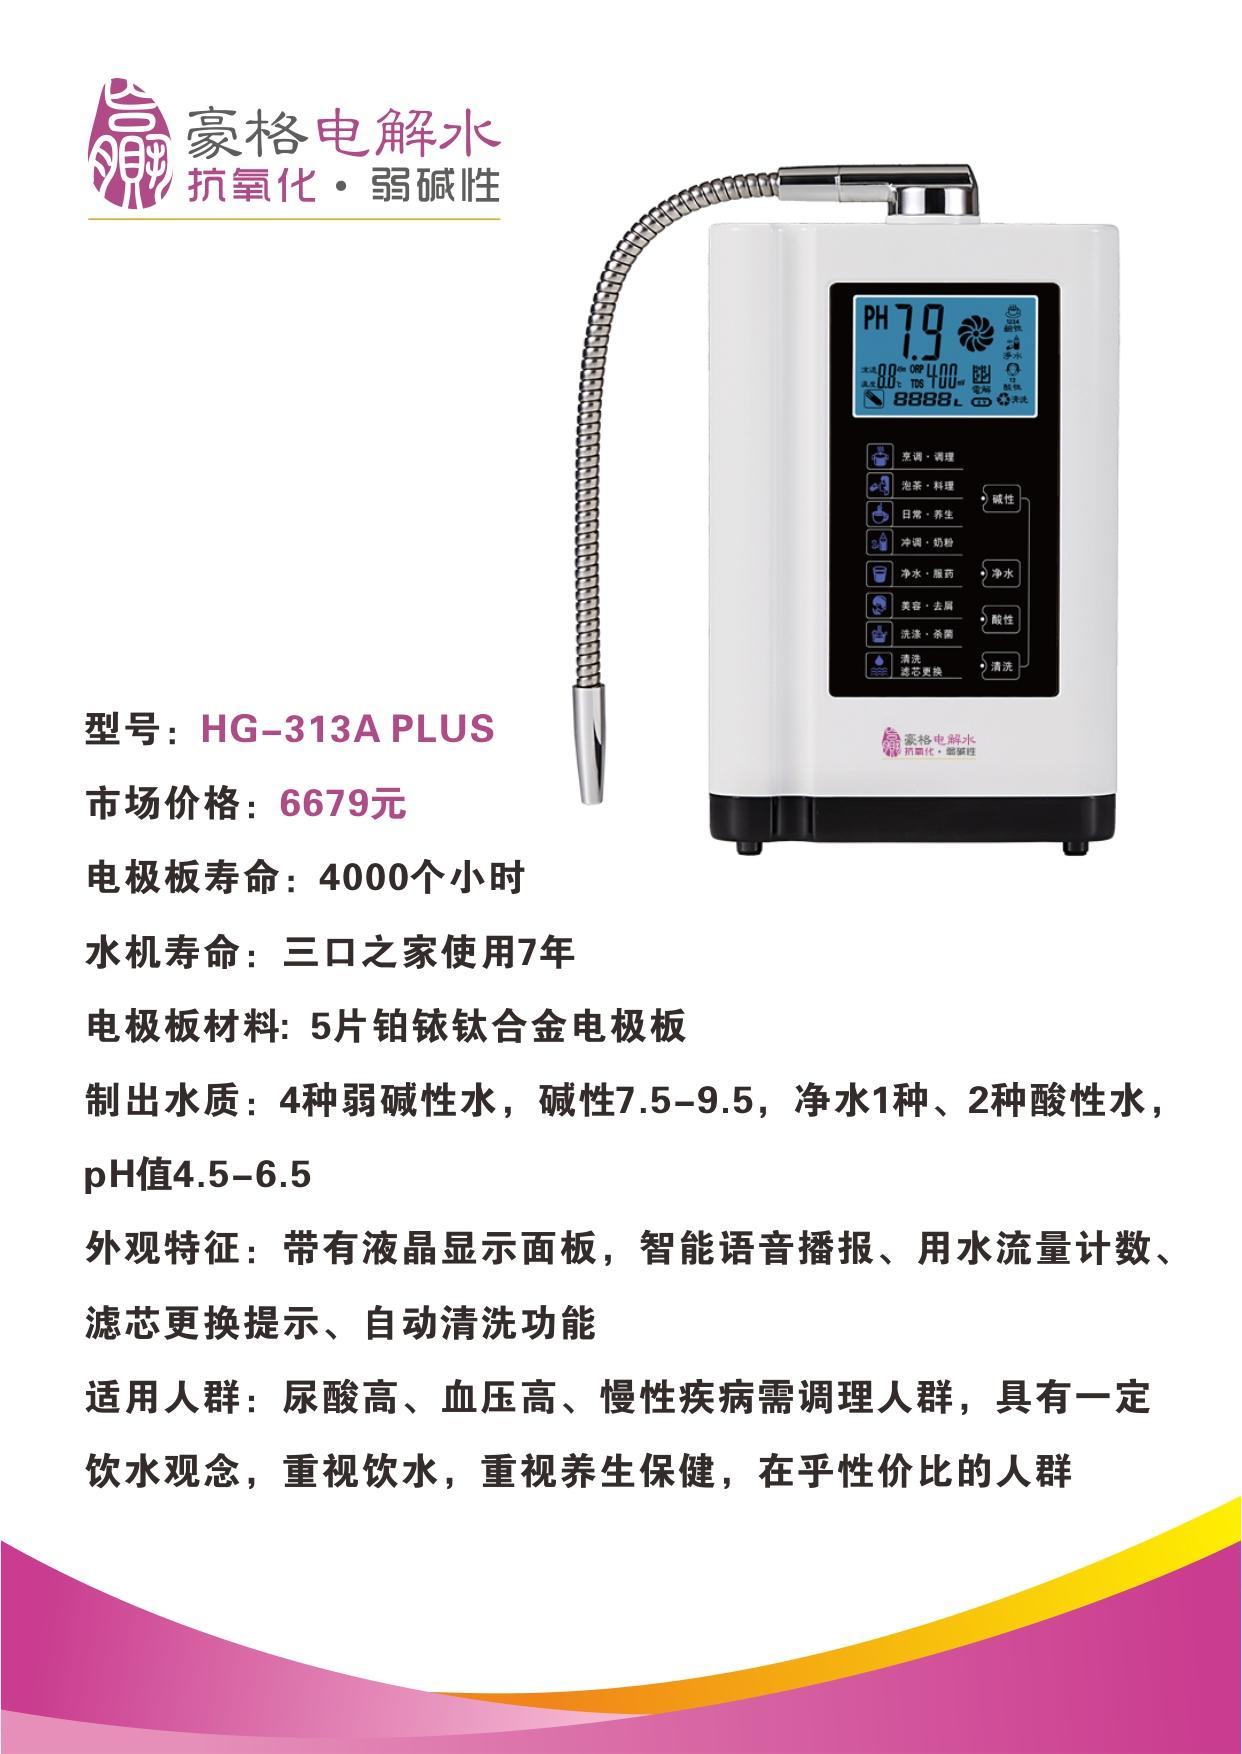 HG-313A PLUS.jpg